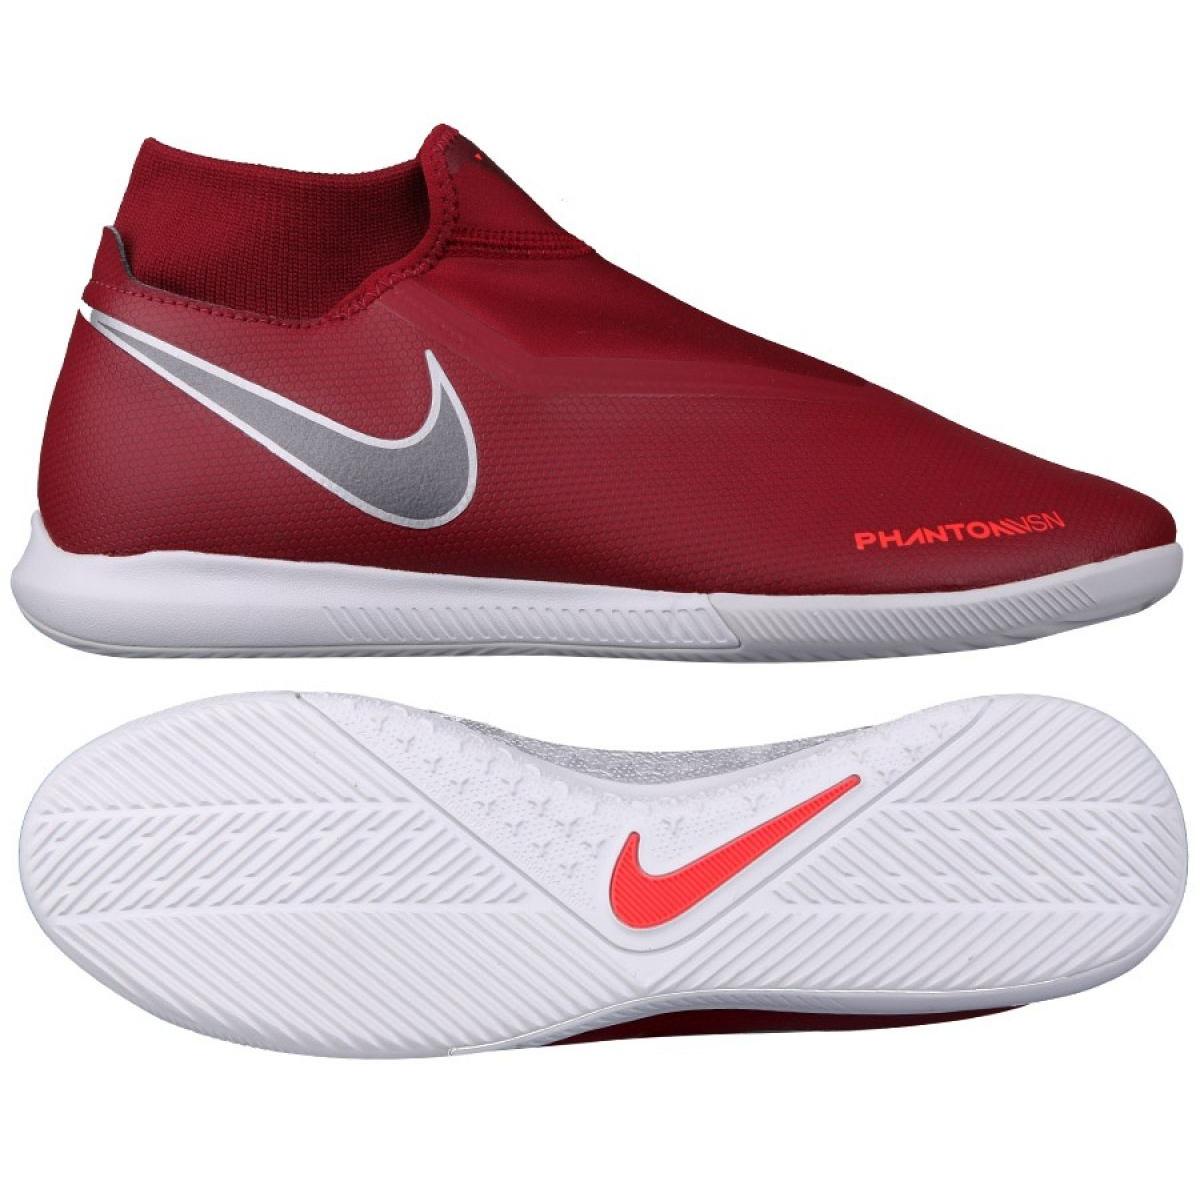 Beltéri cipők Nike Phantom Vsn Club Df Ic M AO3271 060